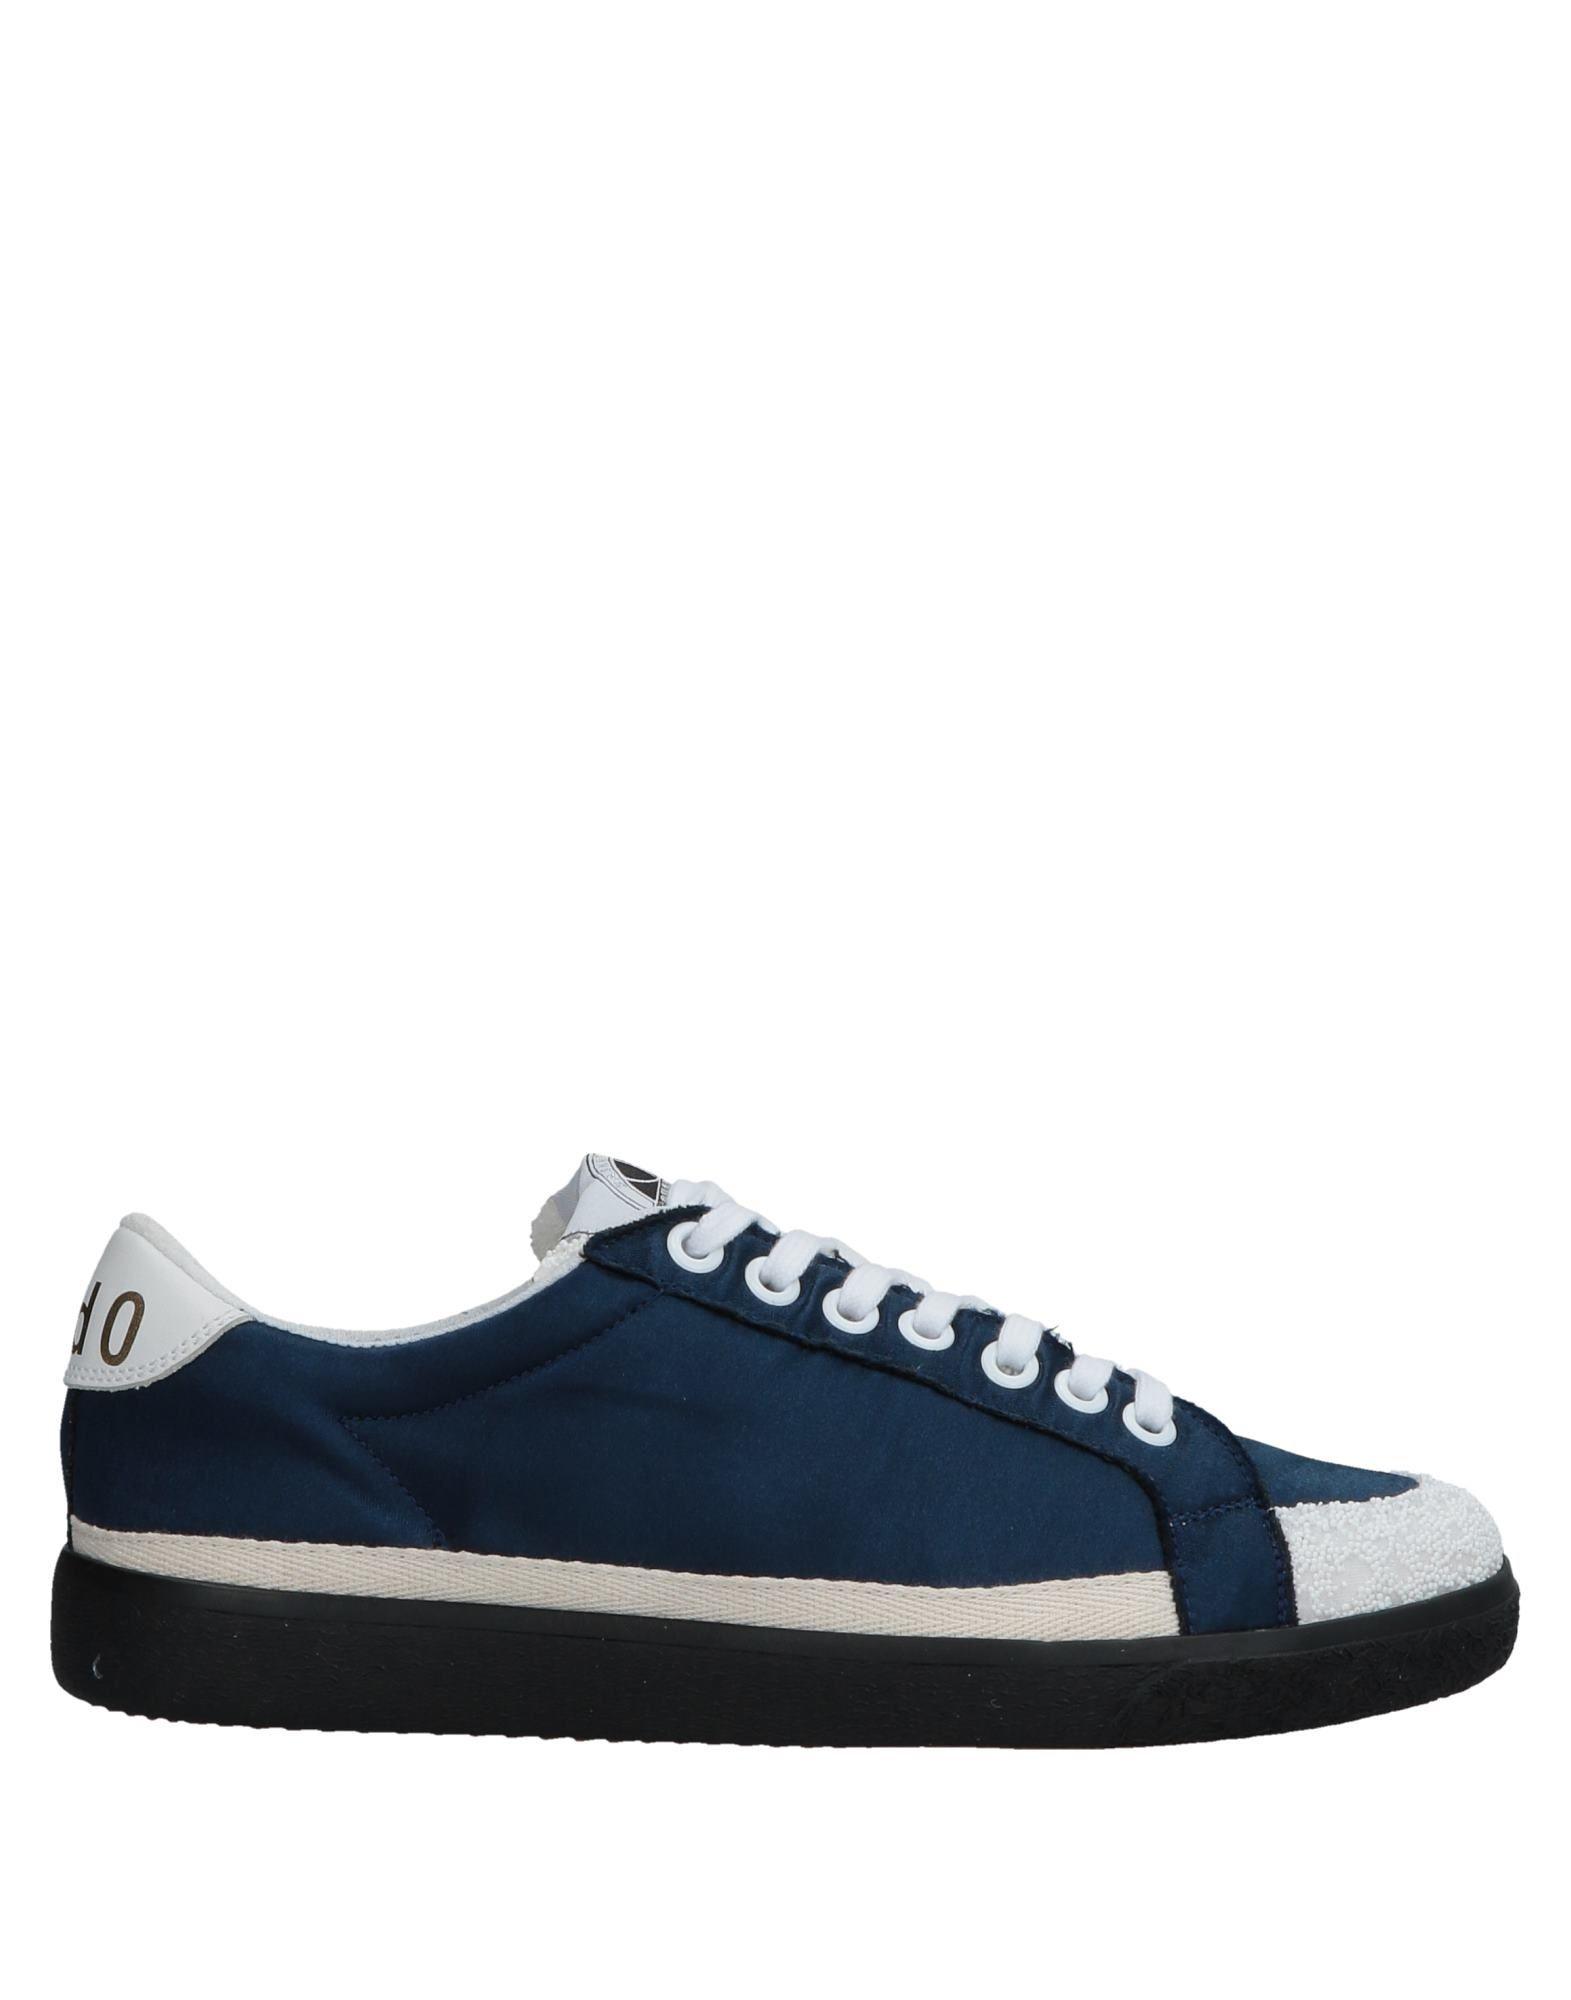 Pantofola D'oro Sneakers Sneakers - Women Pantofola D'oro Sneakers Sneakers online on  United Kingdom - 11569648XN d43030